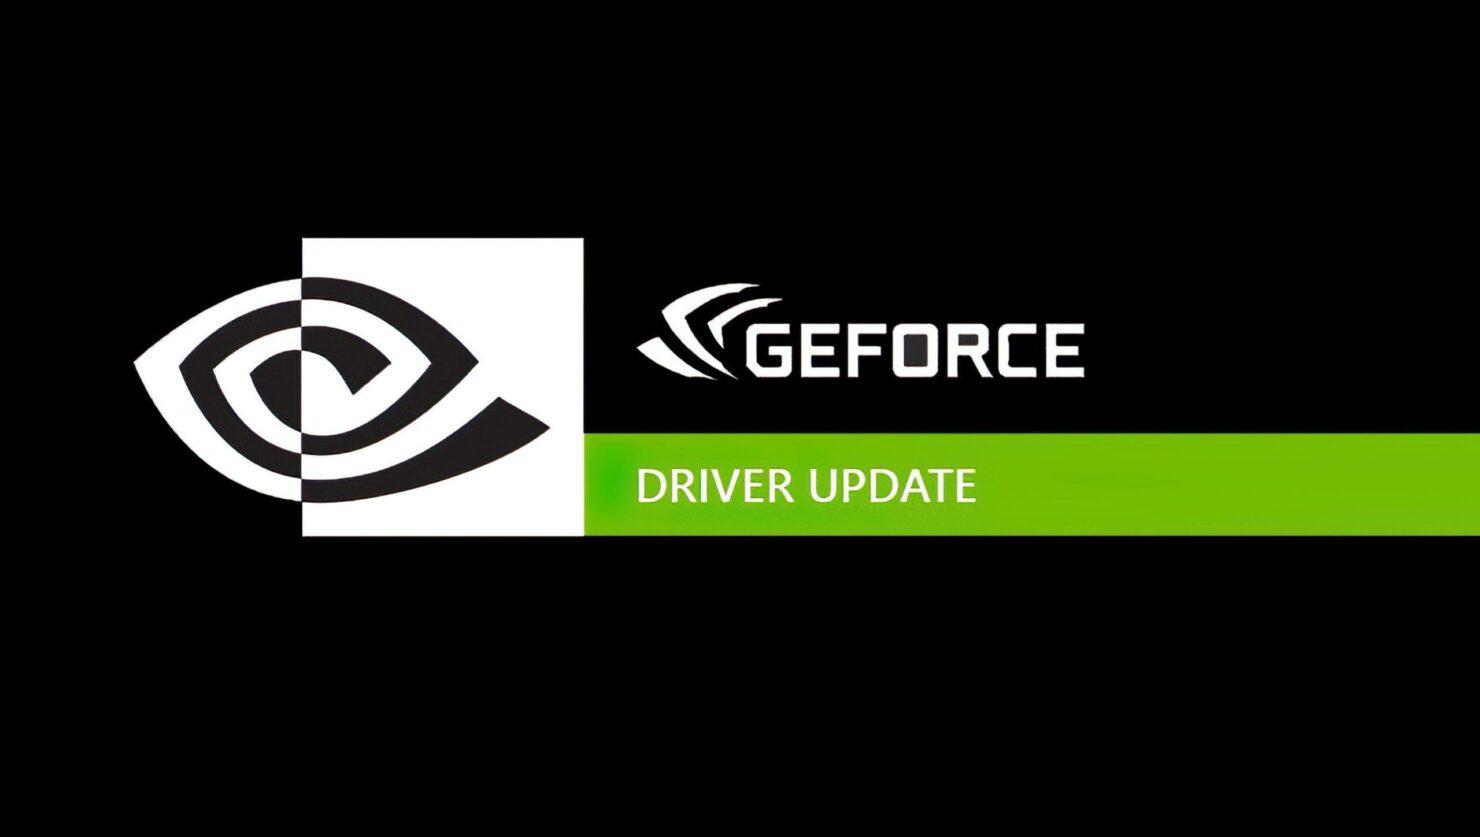 GeForce hotfix driver Geforce Driver